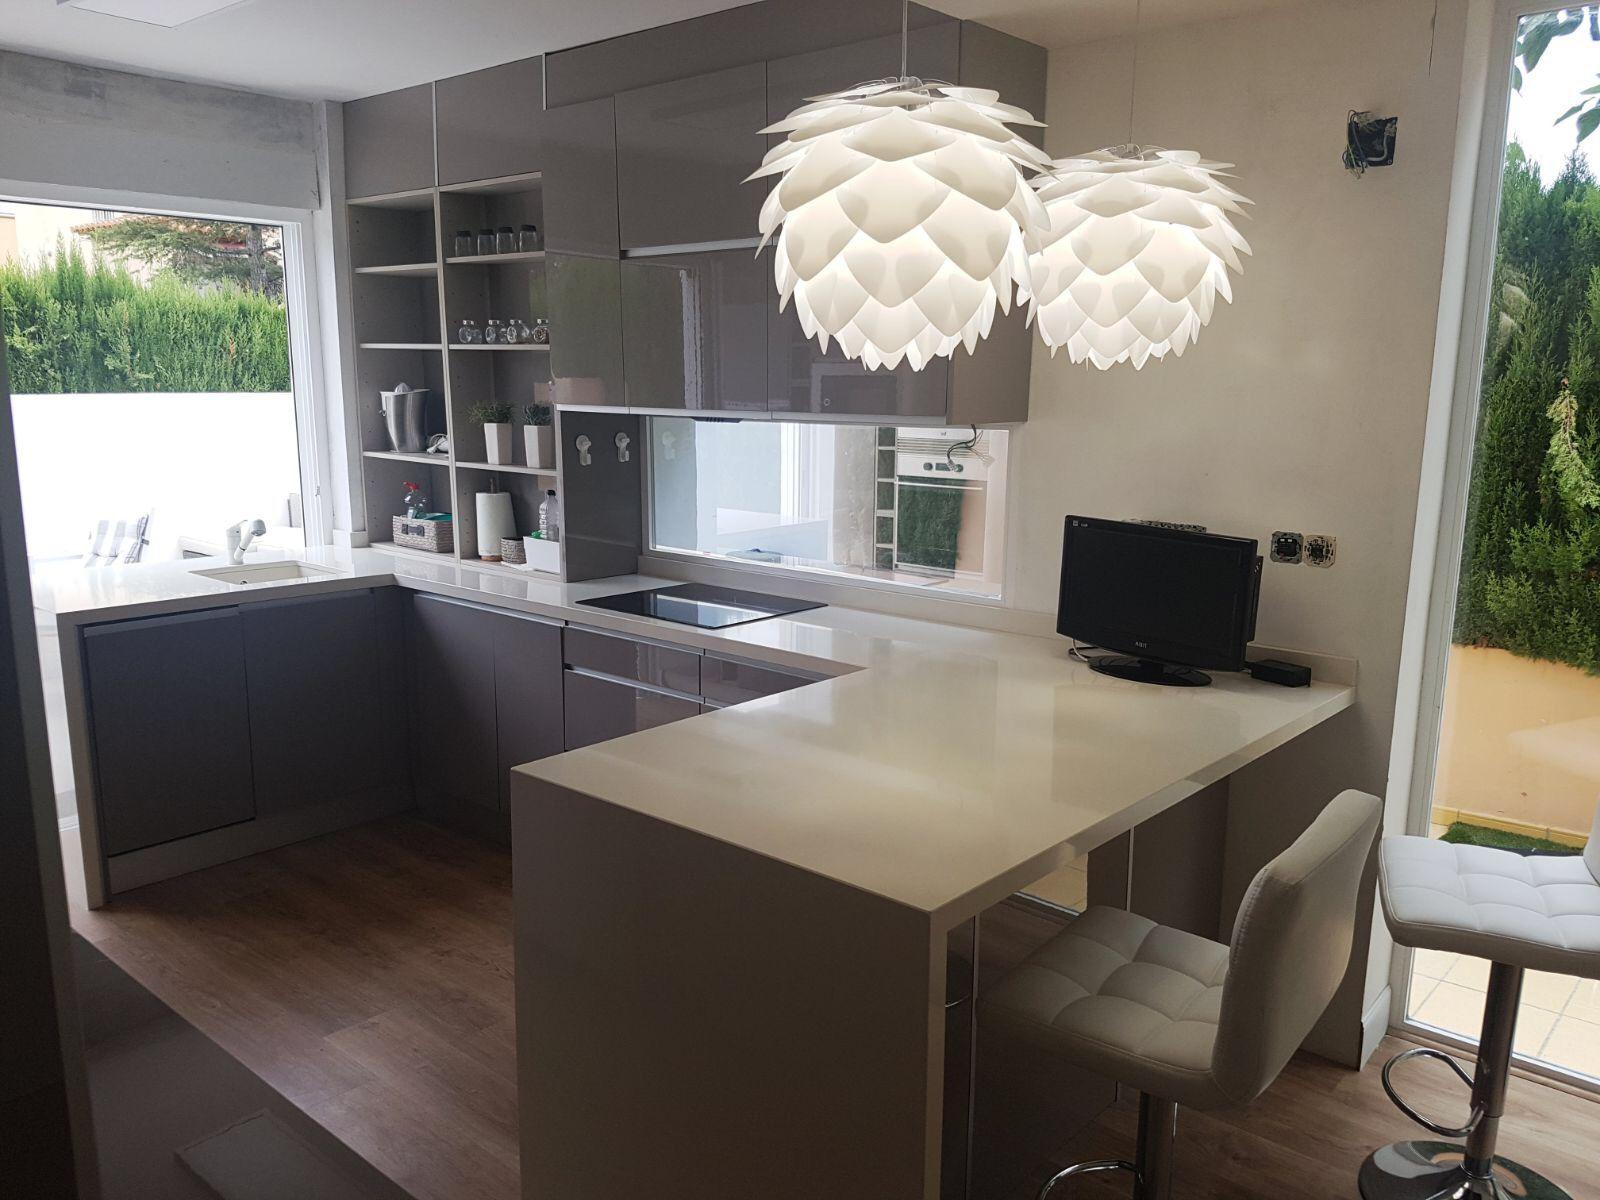 Foto 4 de Muebles de baño y cocina en Madrid | Muebles de ...